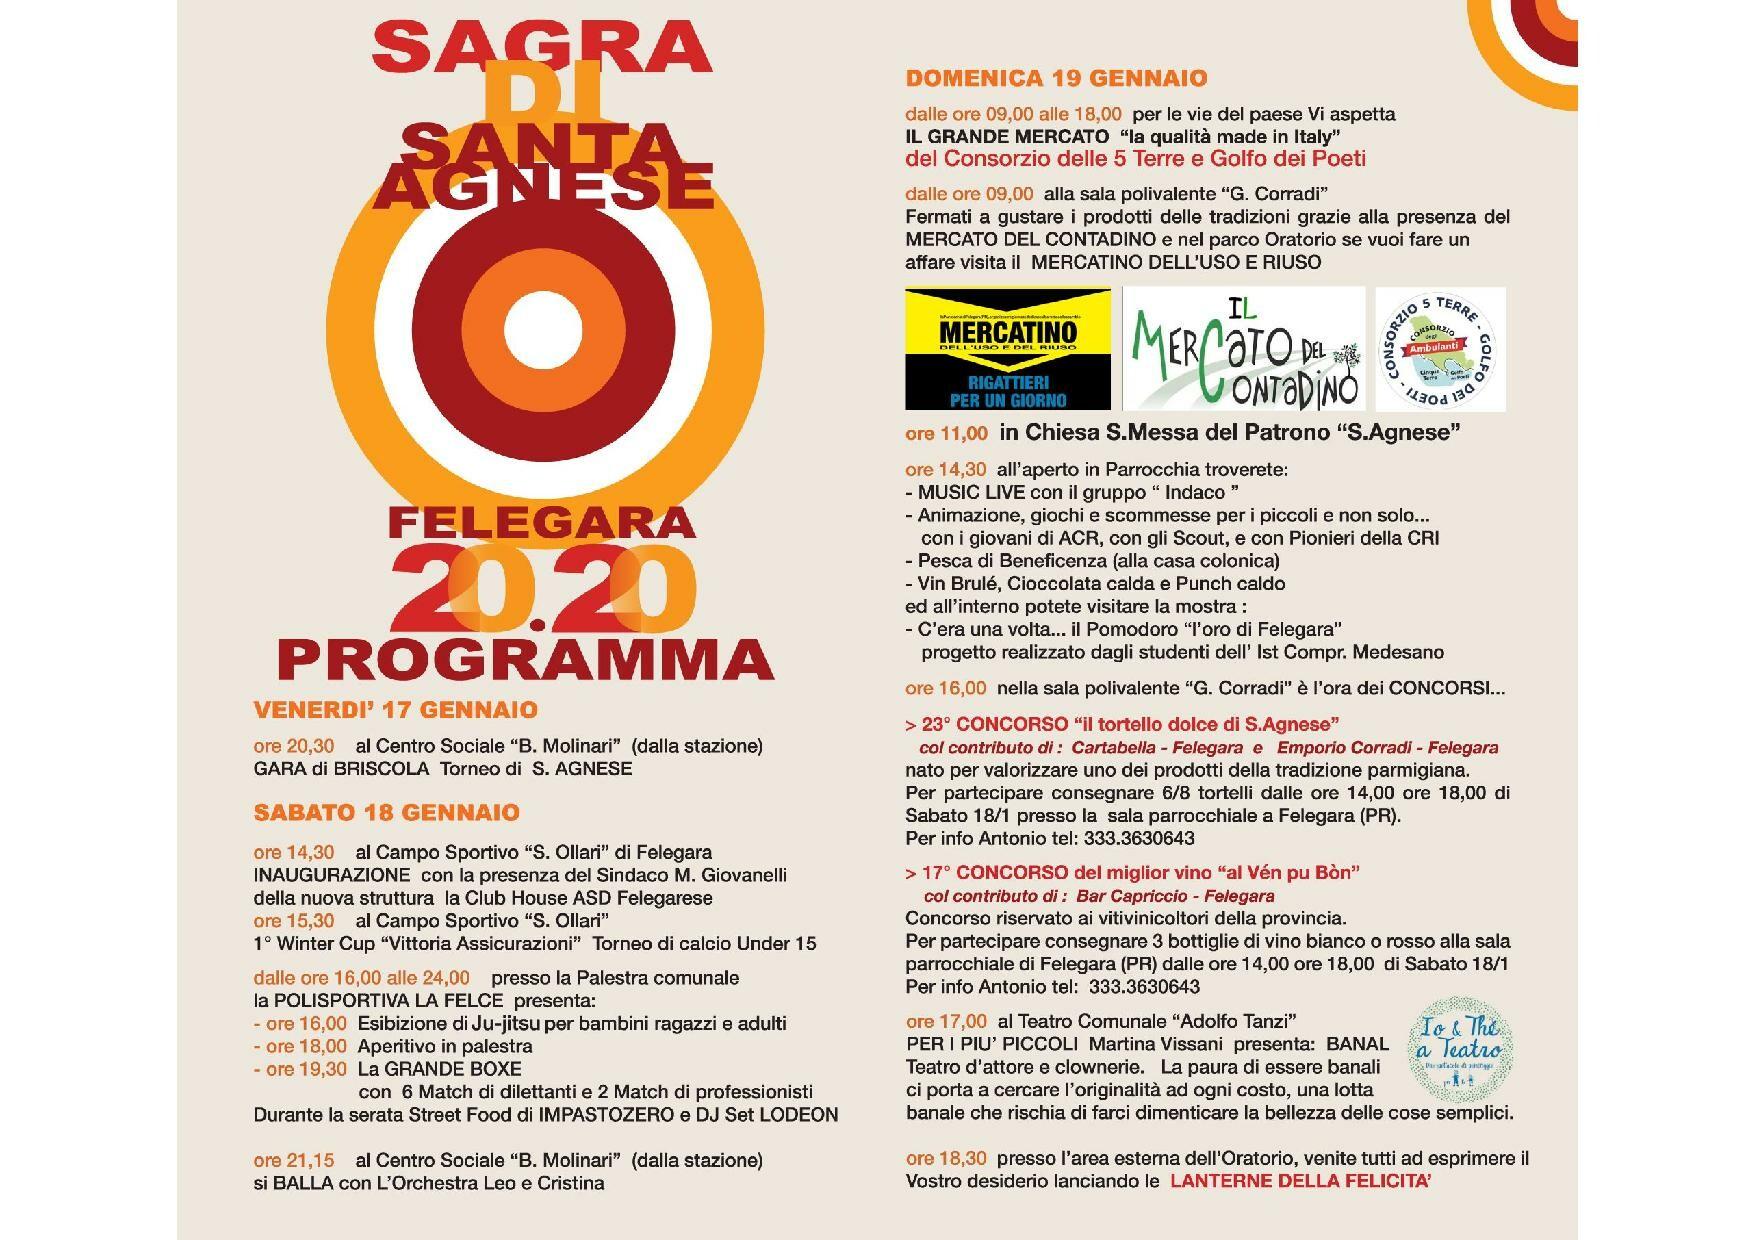 Sagra di Sant'Agnese a Felegara, programma dal 17 al 19 gennaio